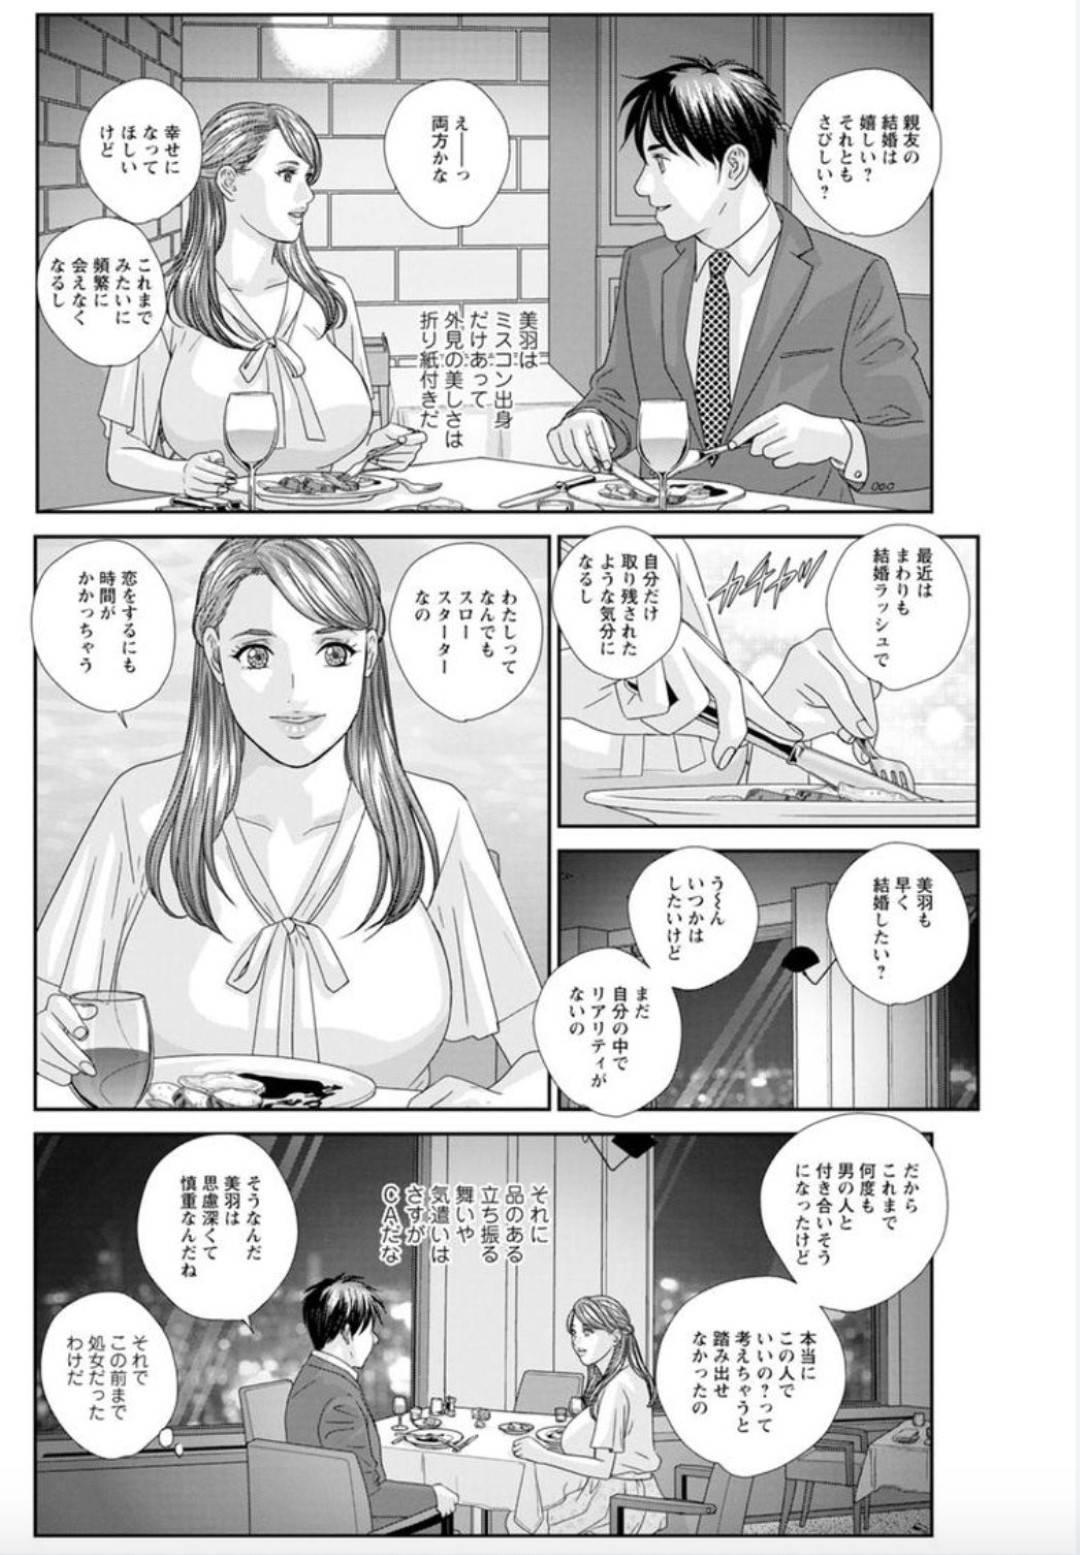 【エロ漫画】久しぶりに会ったかわいい爆乳彼女…すぐにディープキスしちゃって乳首舐めからの中出しセックスでトロ顔になっちゃう!【にしまきとおる:ホットロッドデラックス HOD ROD DELUXE 第6話 部屋においでよ】